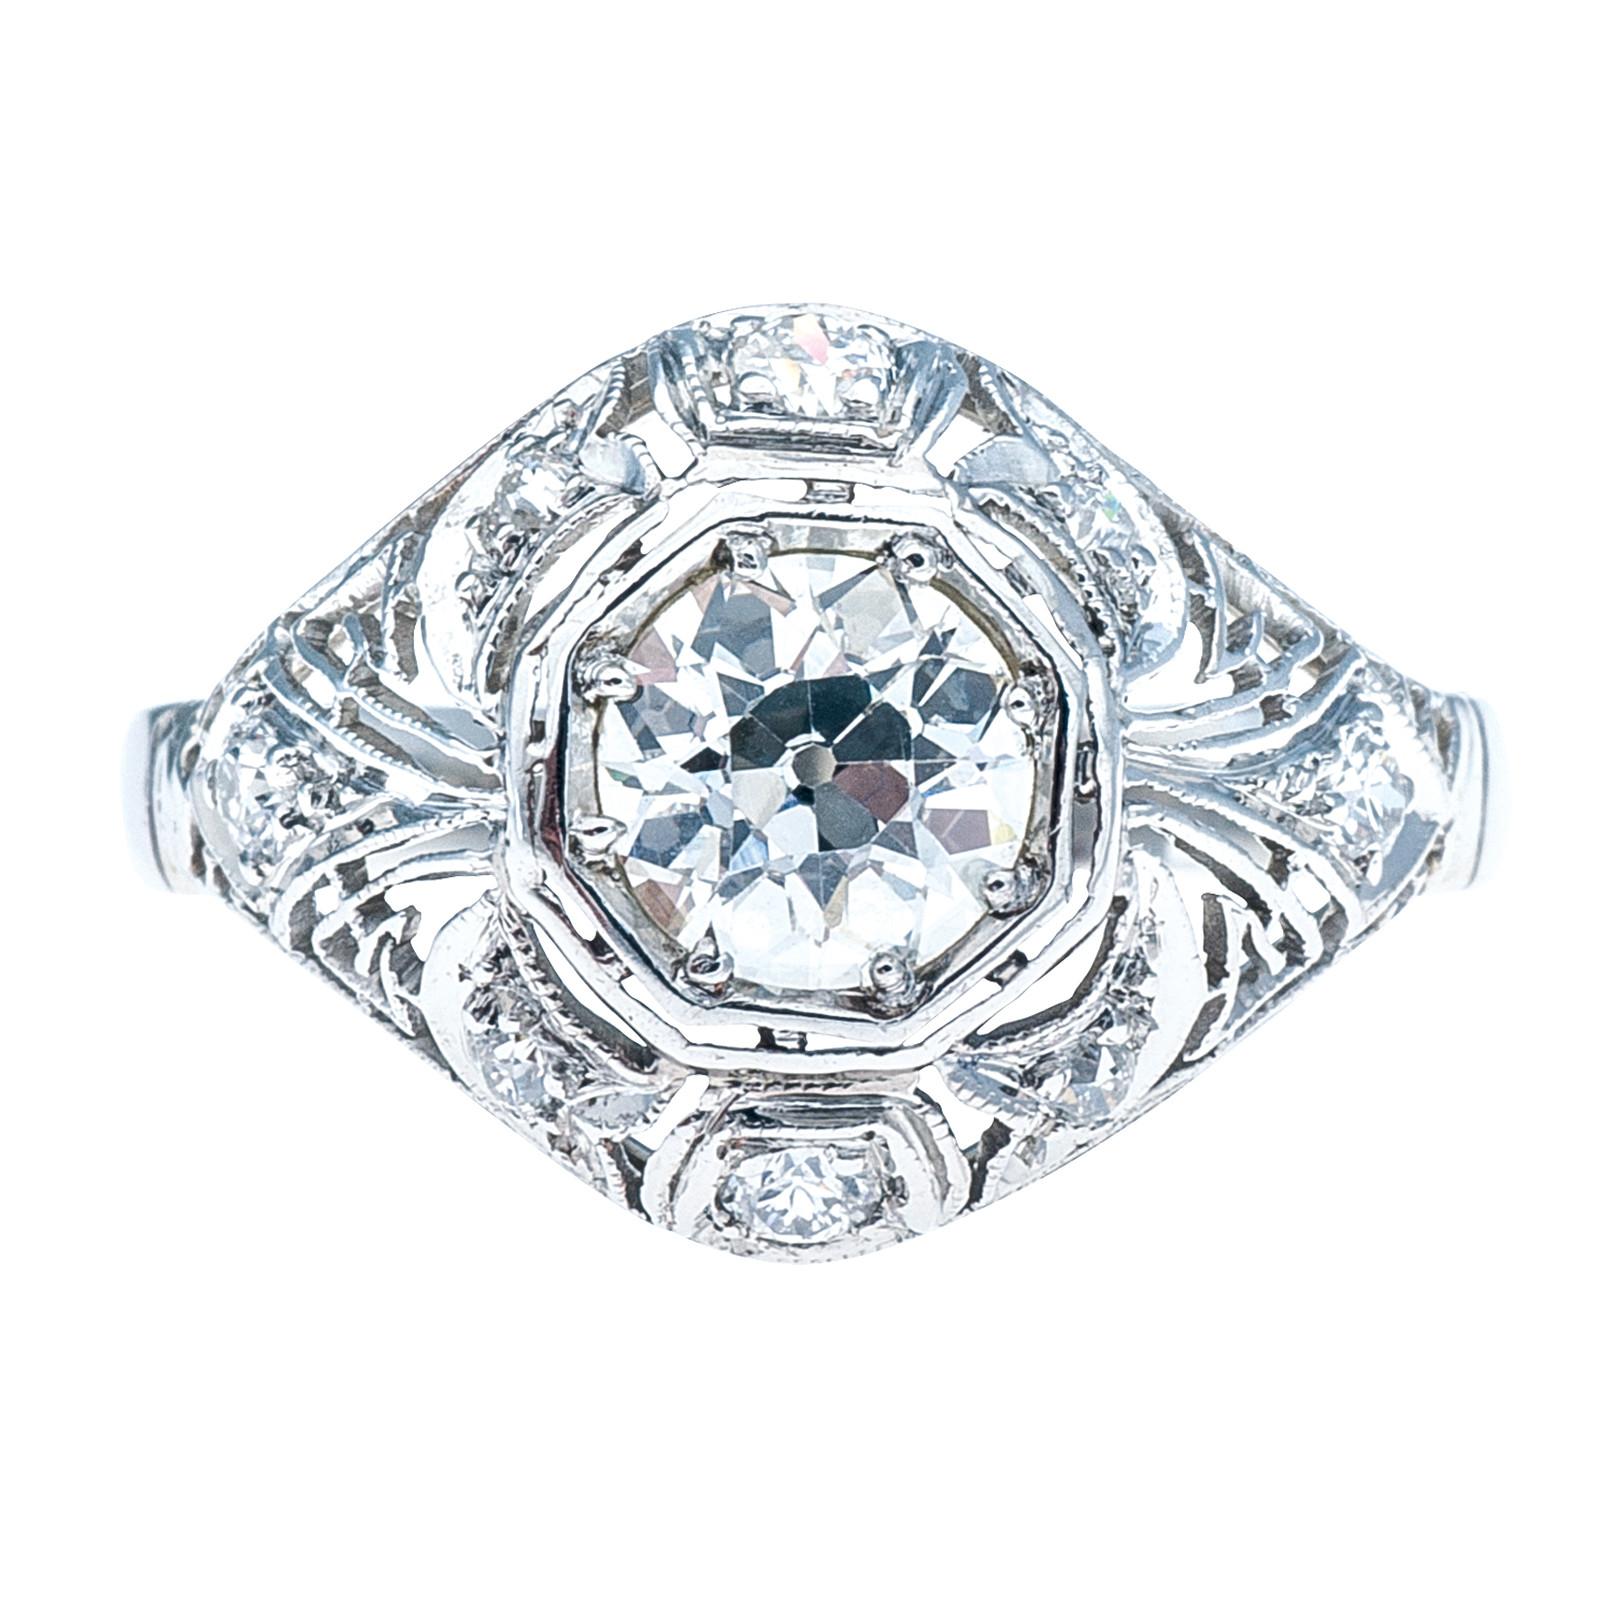 Antique Art Deco 1.07 CTW Old European Diamond Engagement Ring